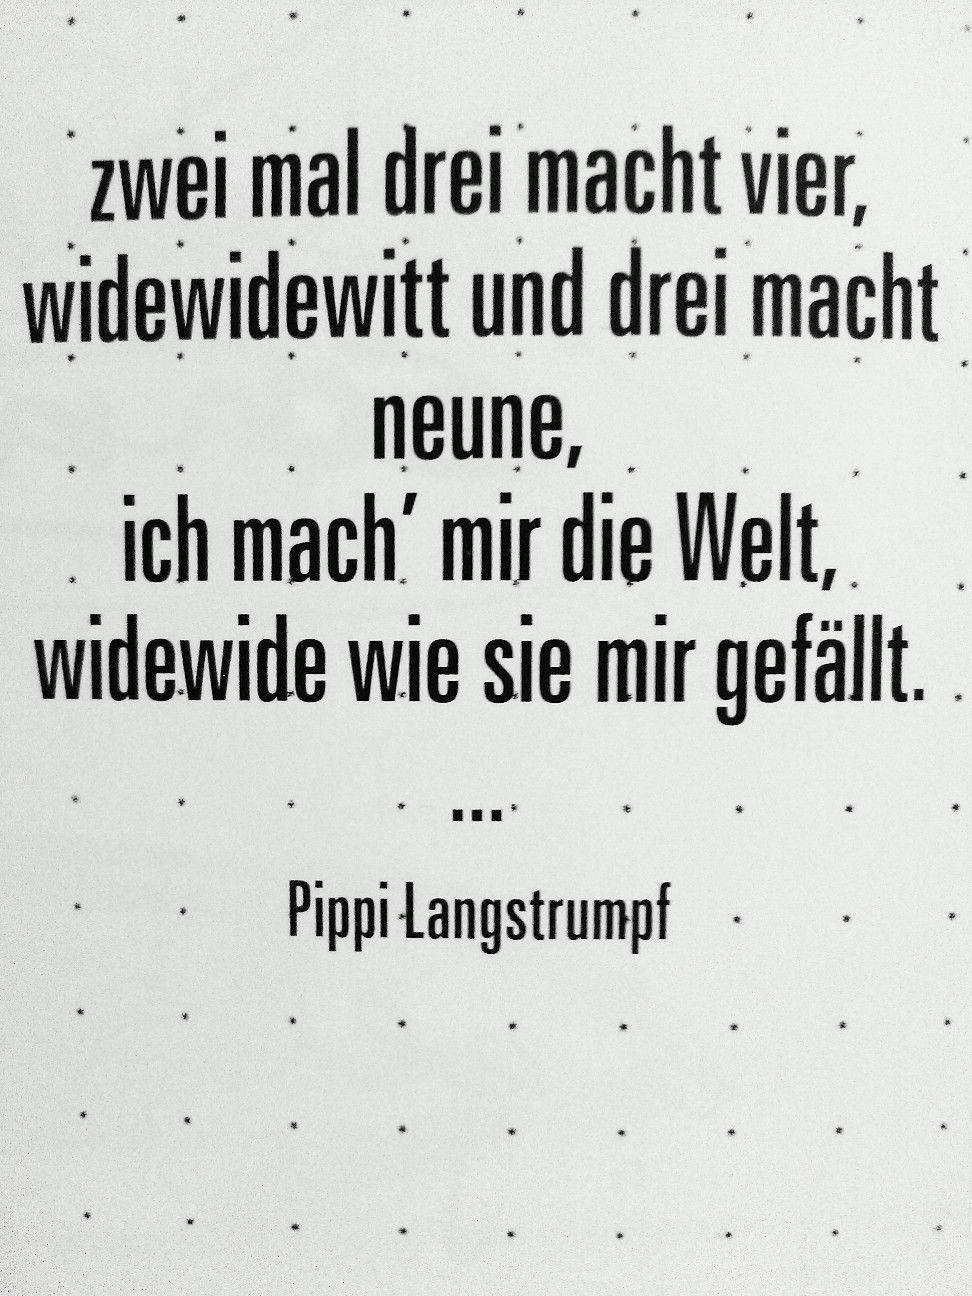 sprüche pippi langstrumpf pippi langstrumpf | Sprüche | Pinterest | True words, Wisdom and  sprüche pippi langstrumpf